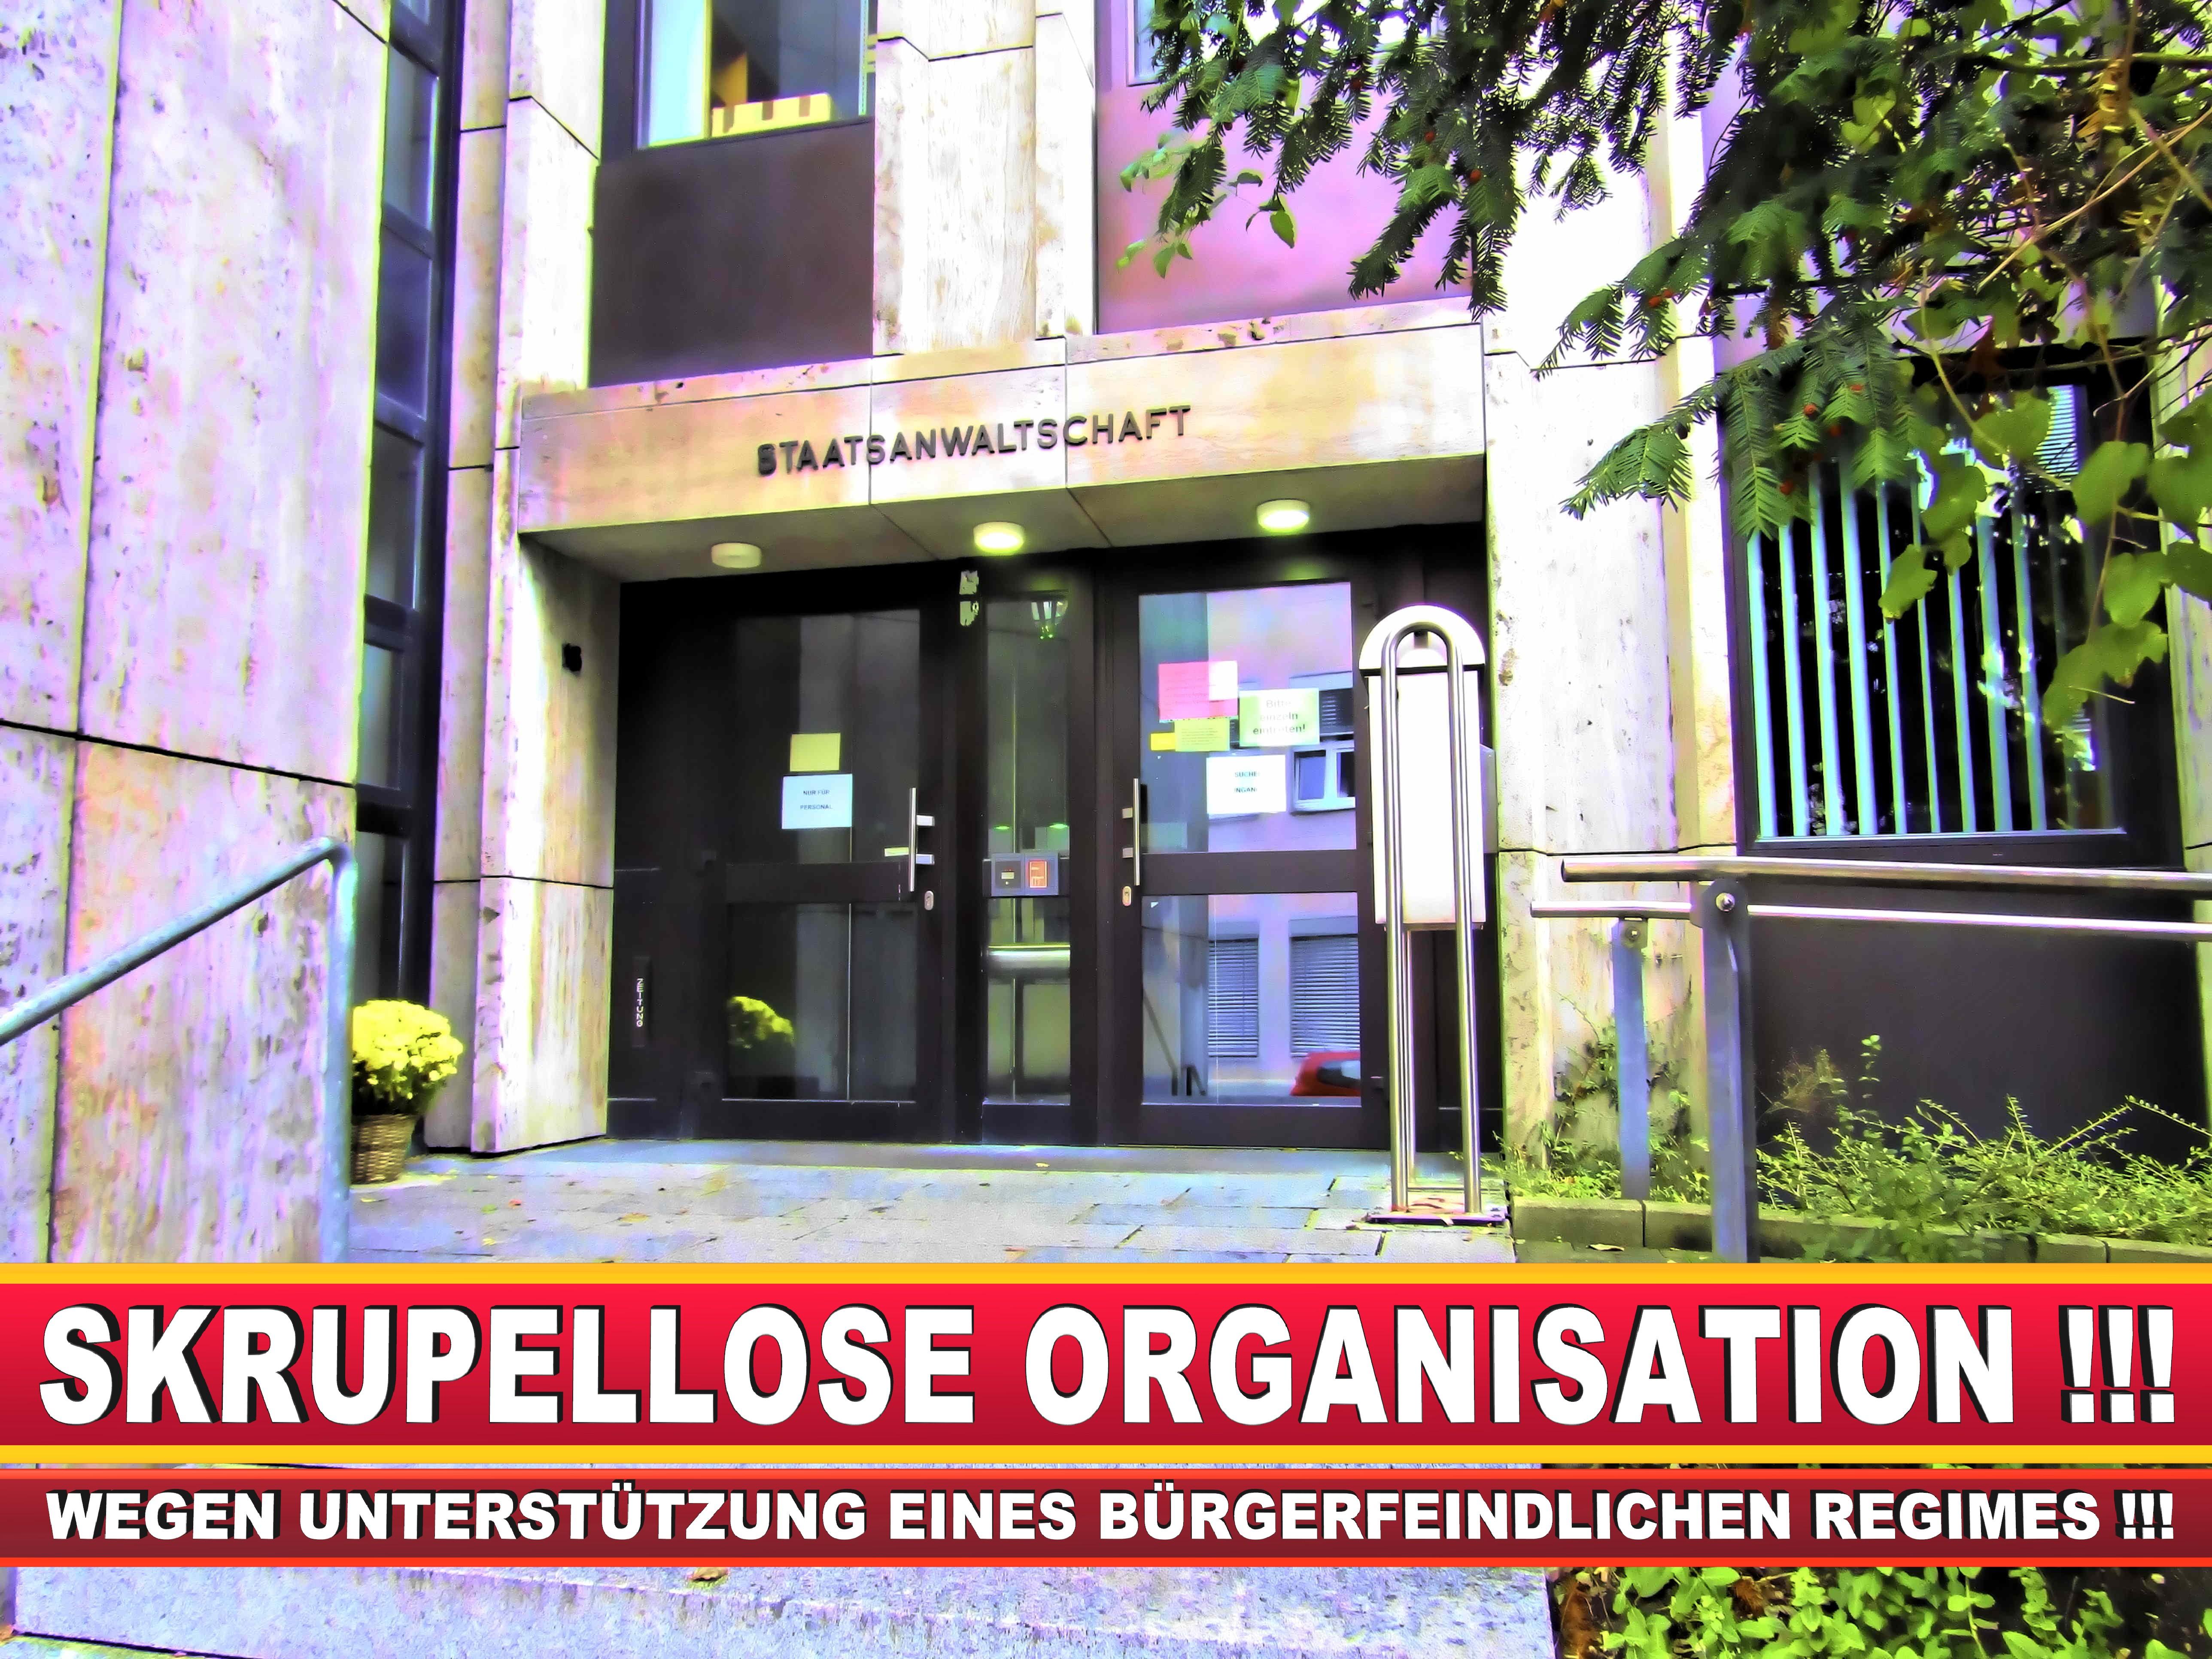 AMTSGERICHT LANDGERICHT STAATSANWALTSCHAFT BIELEFELD BEHöRDEN NRW ARBEITSGERICHT SOZIALGERICHT VERWALTUNGSGERICHT (7)